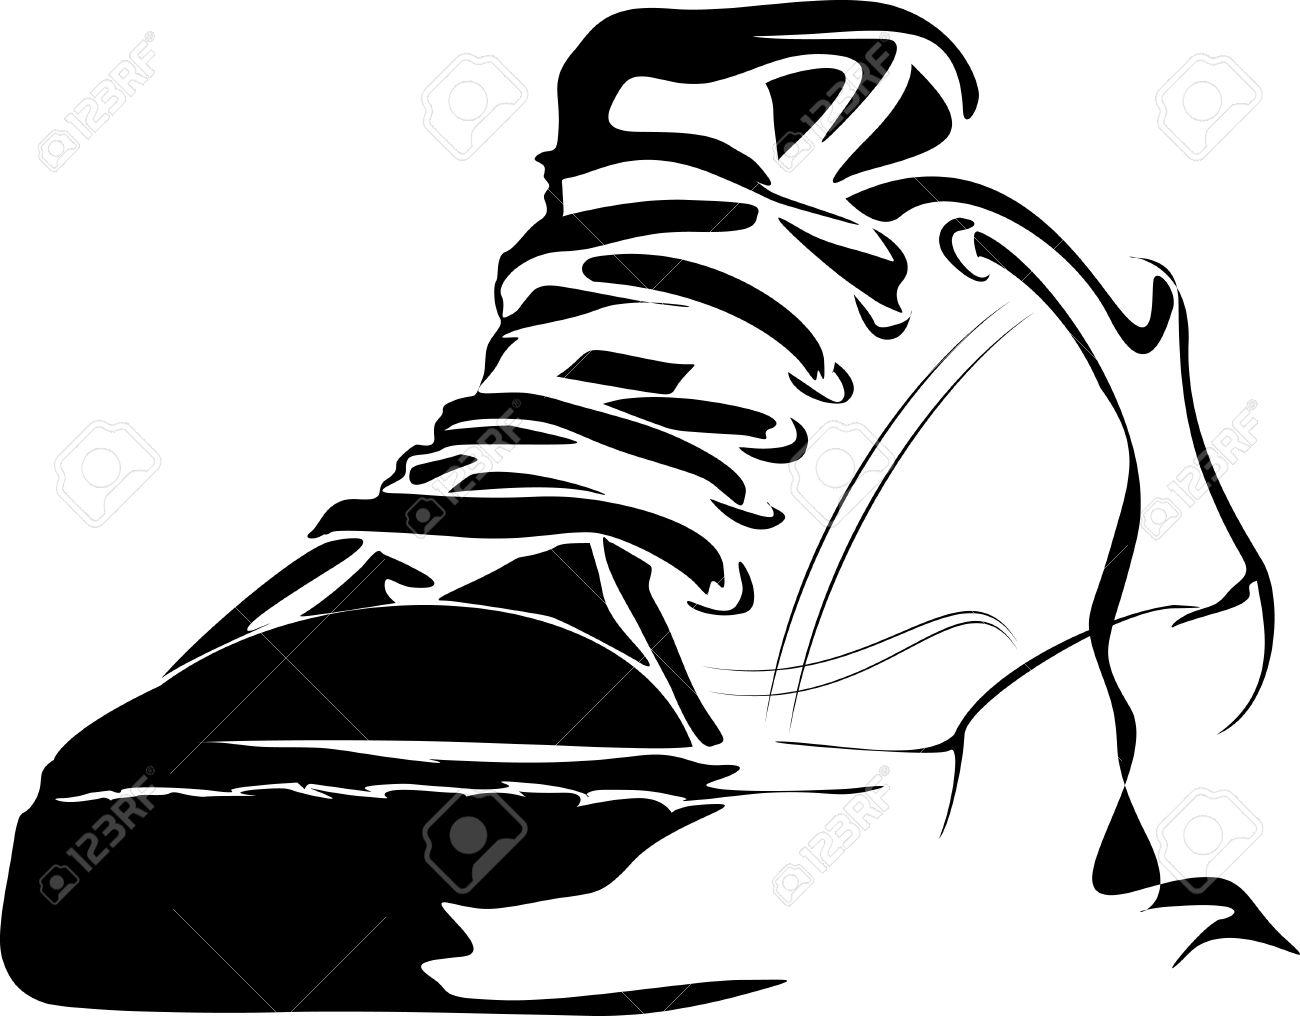 1300x1016 Gym Shoes Clipart Gym Clothes